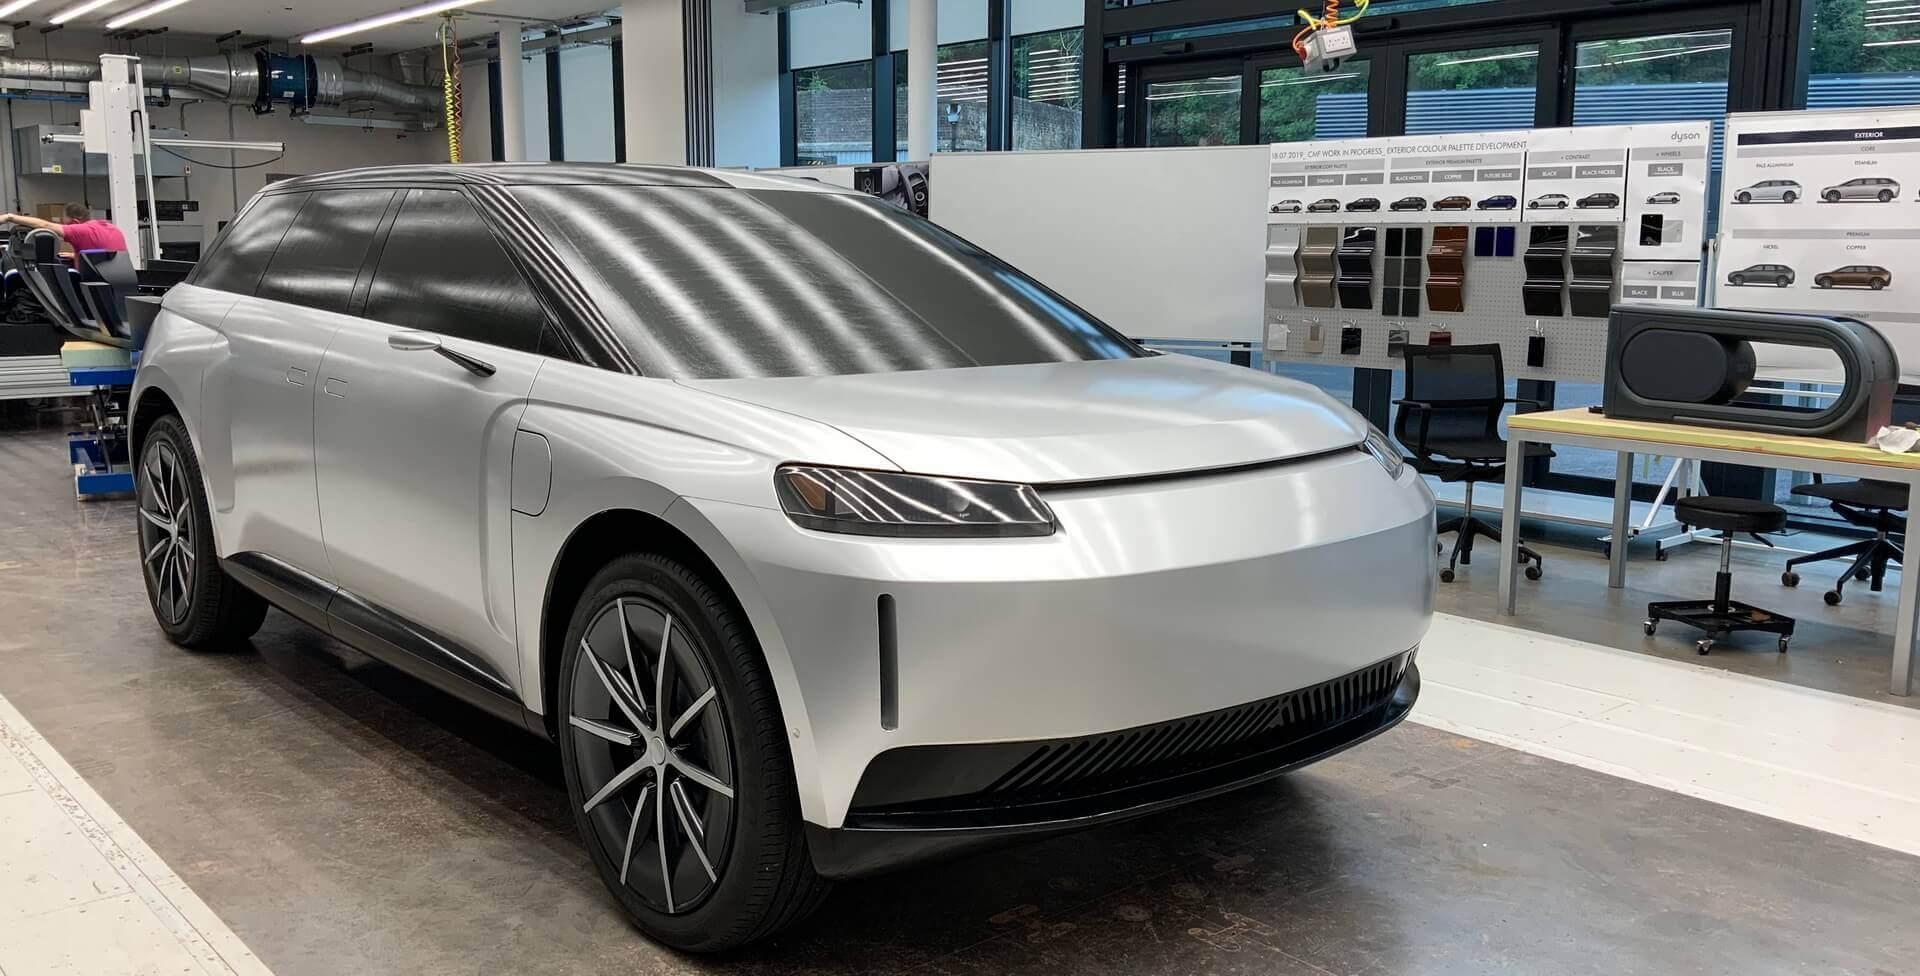 Пневматическая подвеска электромобиля Dyson позволяла настроить электромобиль натрех различных высотах кузова